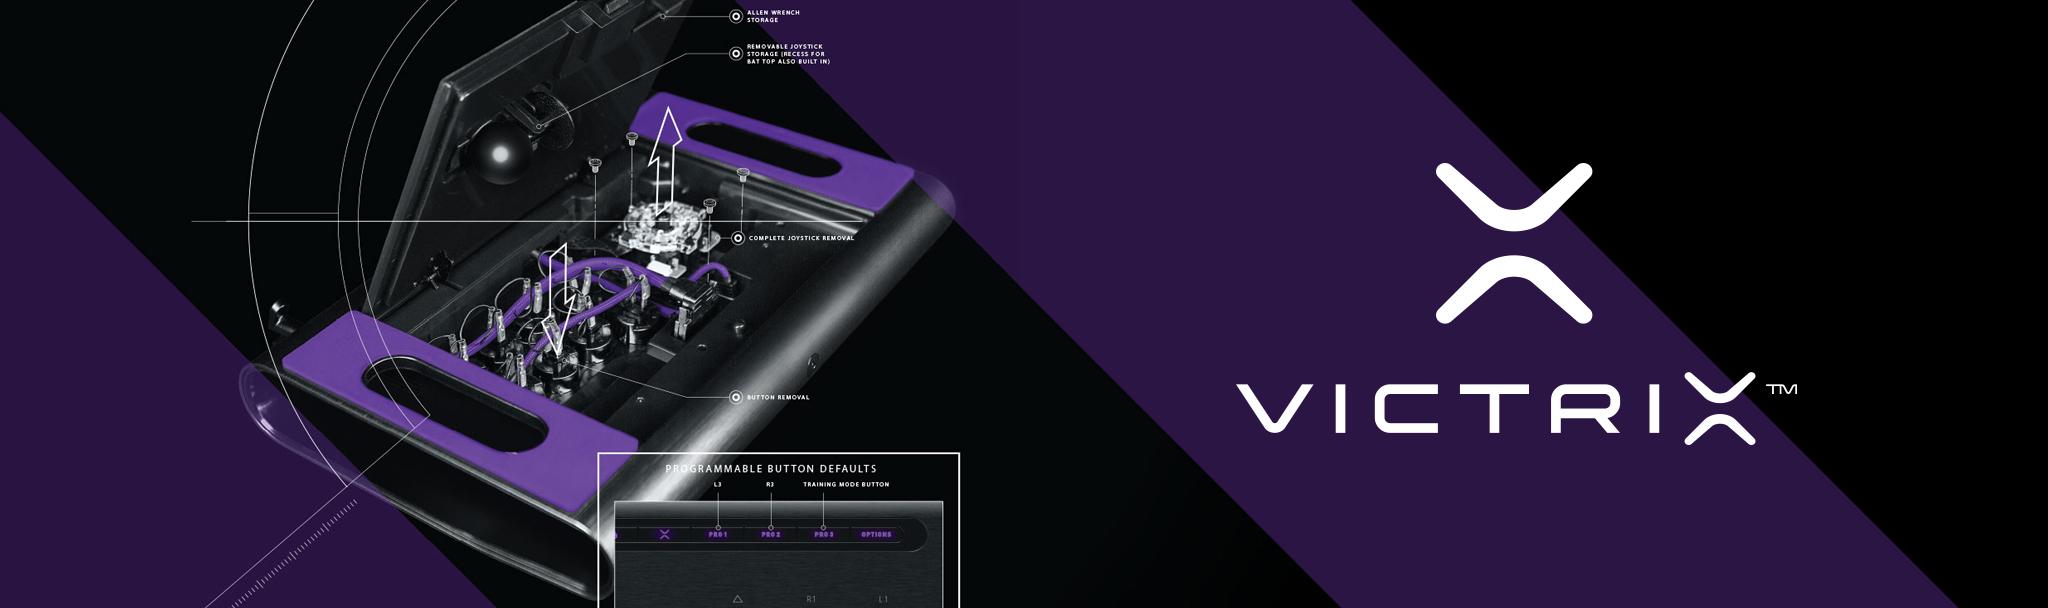 victrix1